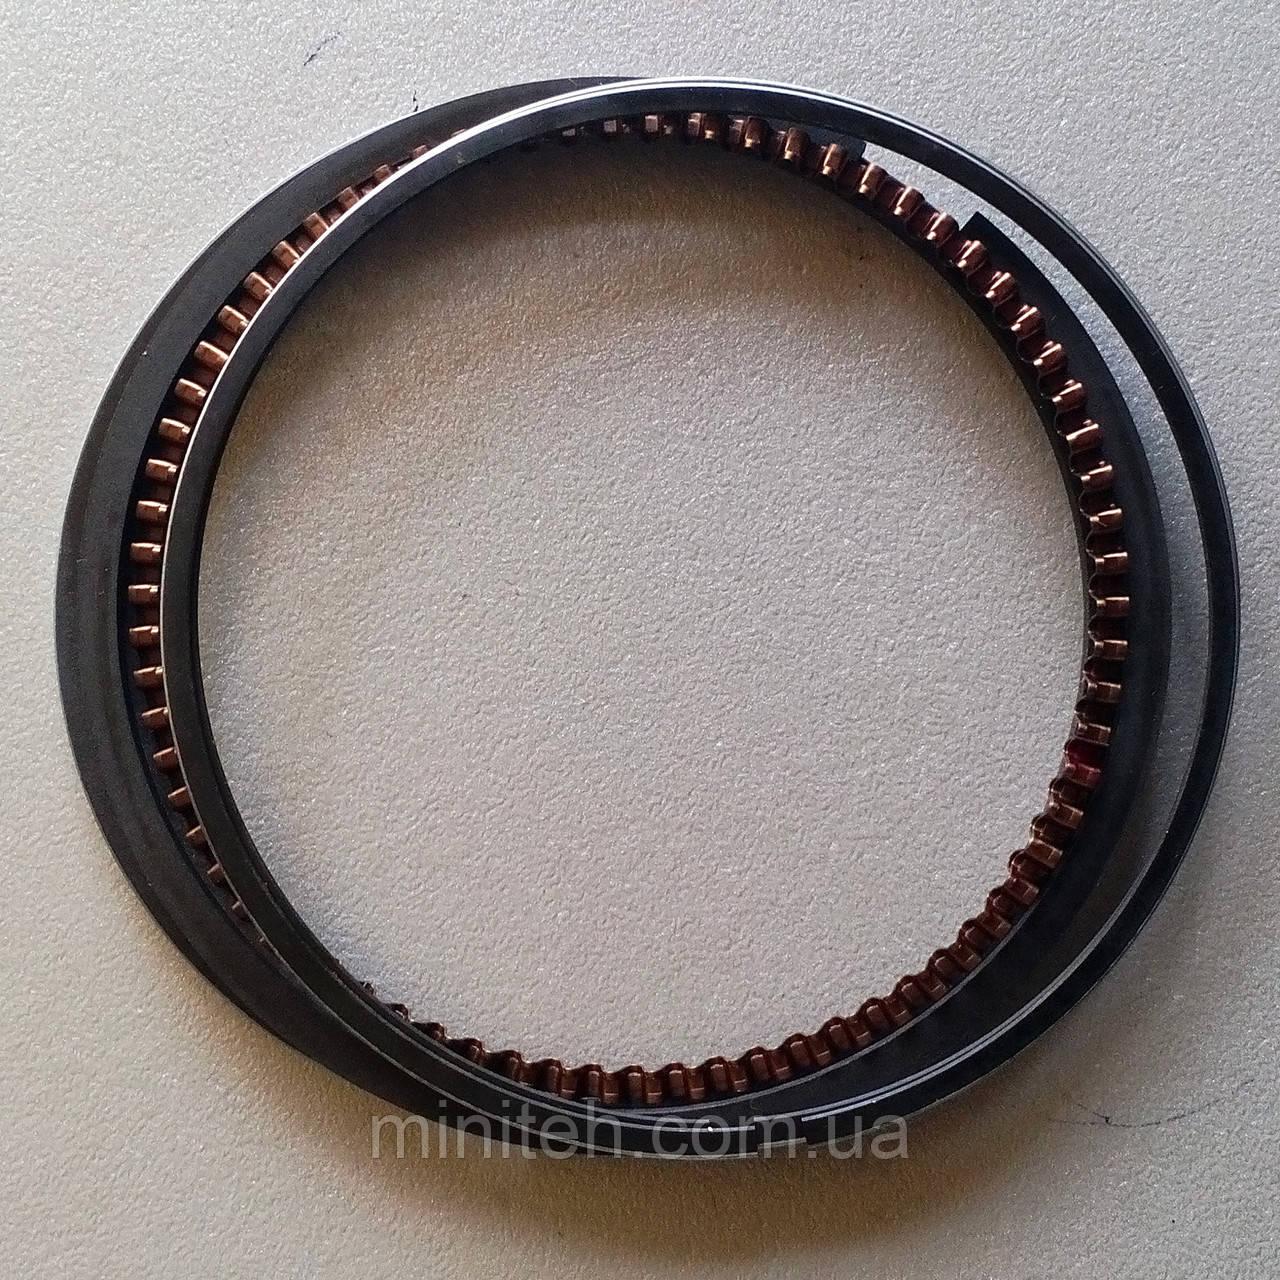 Кольца поршневые ремонтные 177F (77,25мм, бензин)